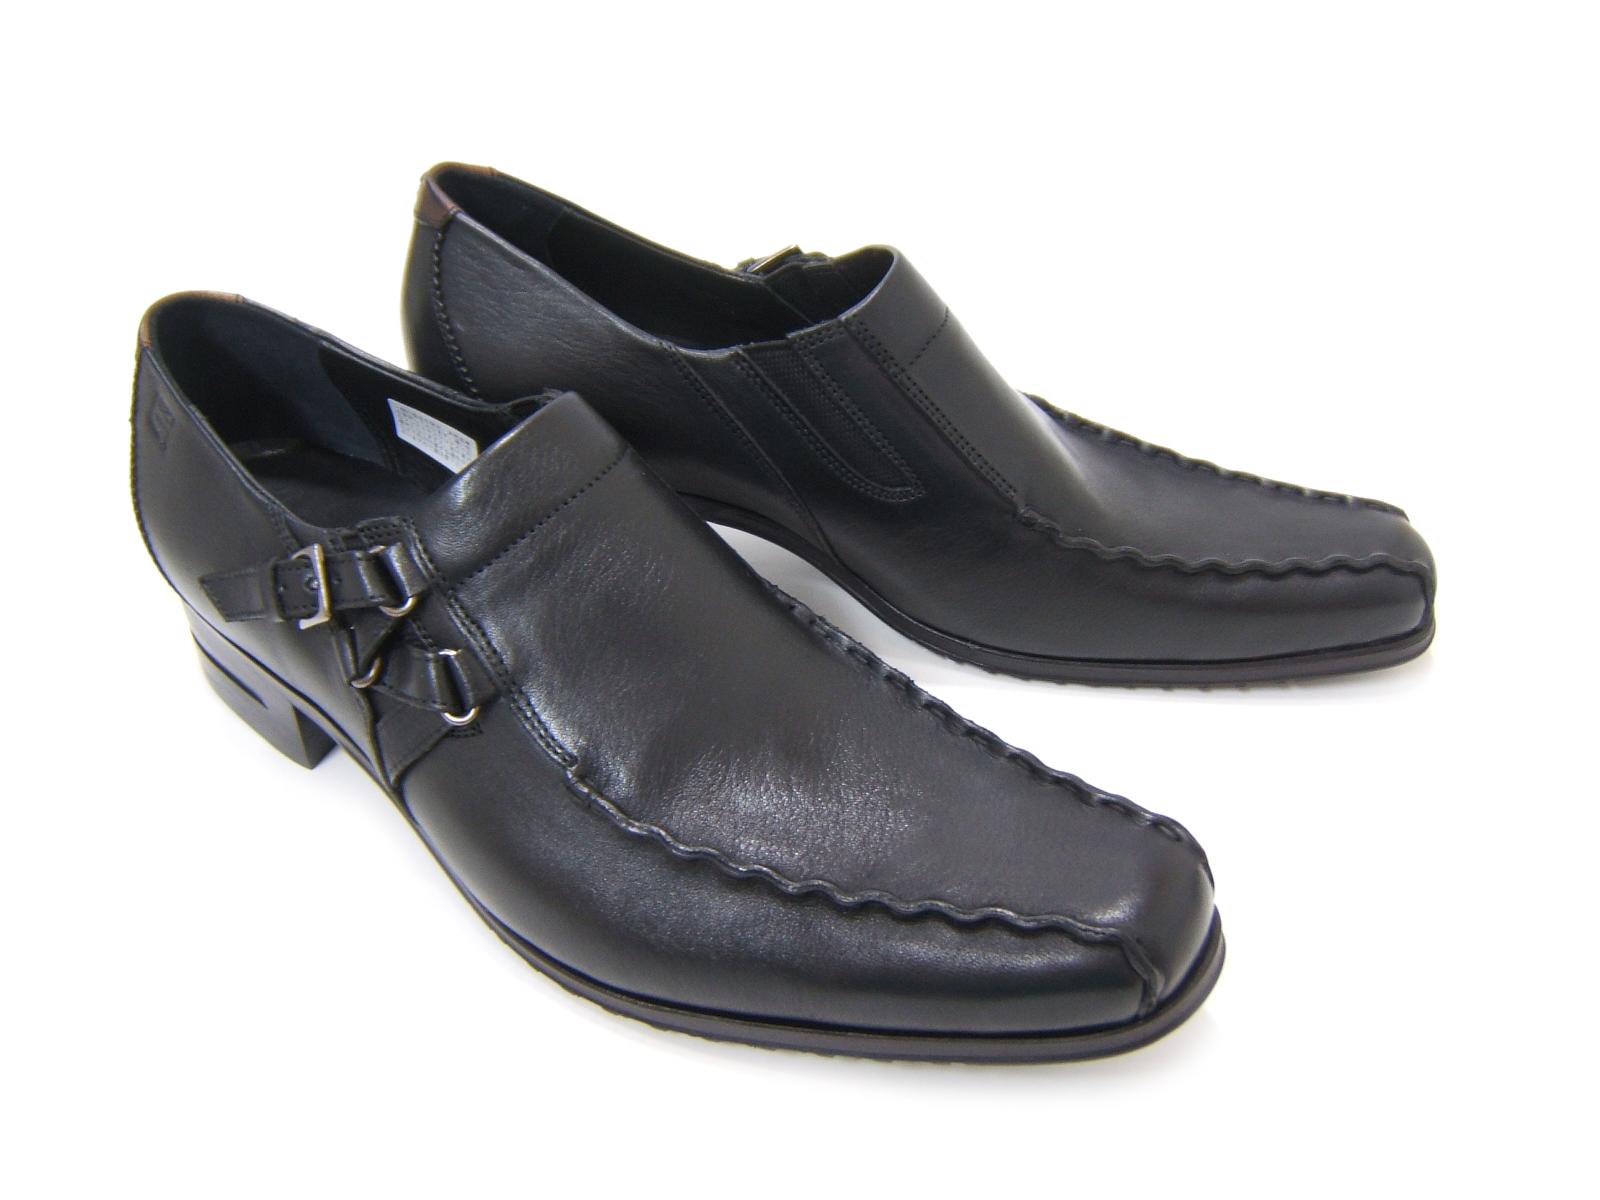 シンプルながら落ち着きのあるブリティッシュスタイル!KATHARINE HAMNETT LONDON キャサリン ハムネット ロンドン紳士靴 31554 ブラック スワールモカ 変形モンクストラップ カジュアル パーティ 送料無料